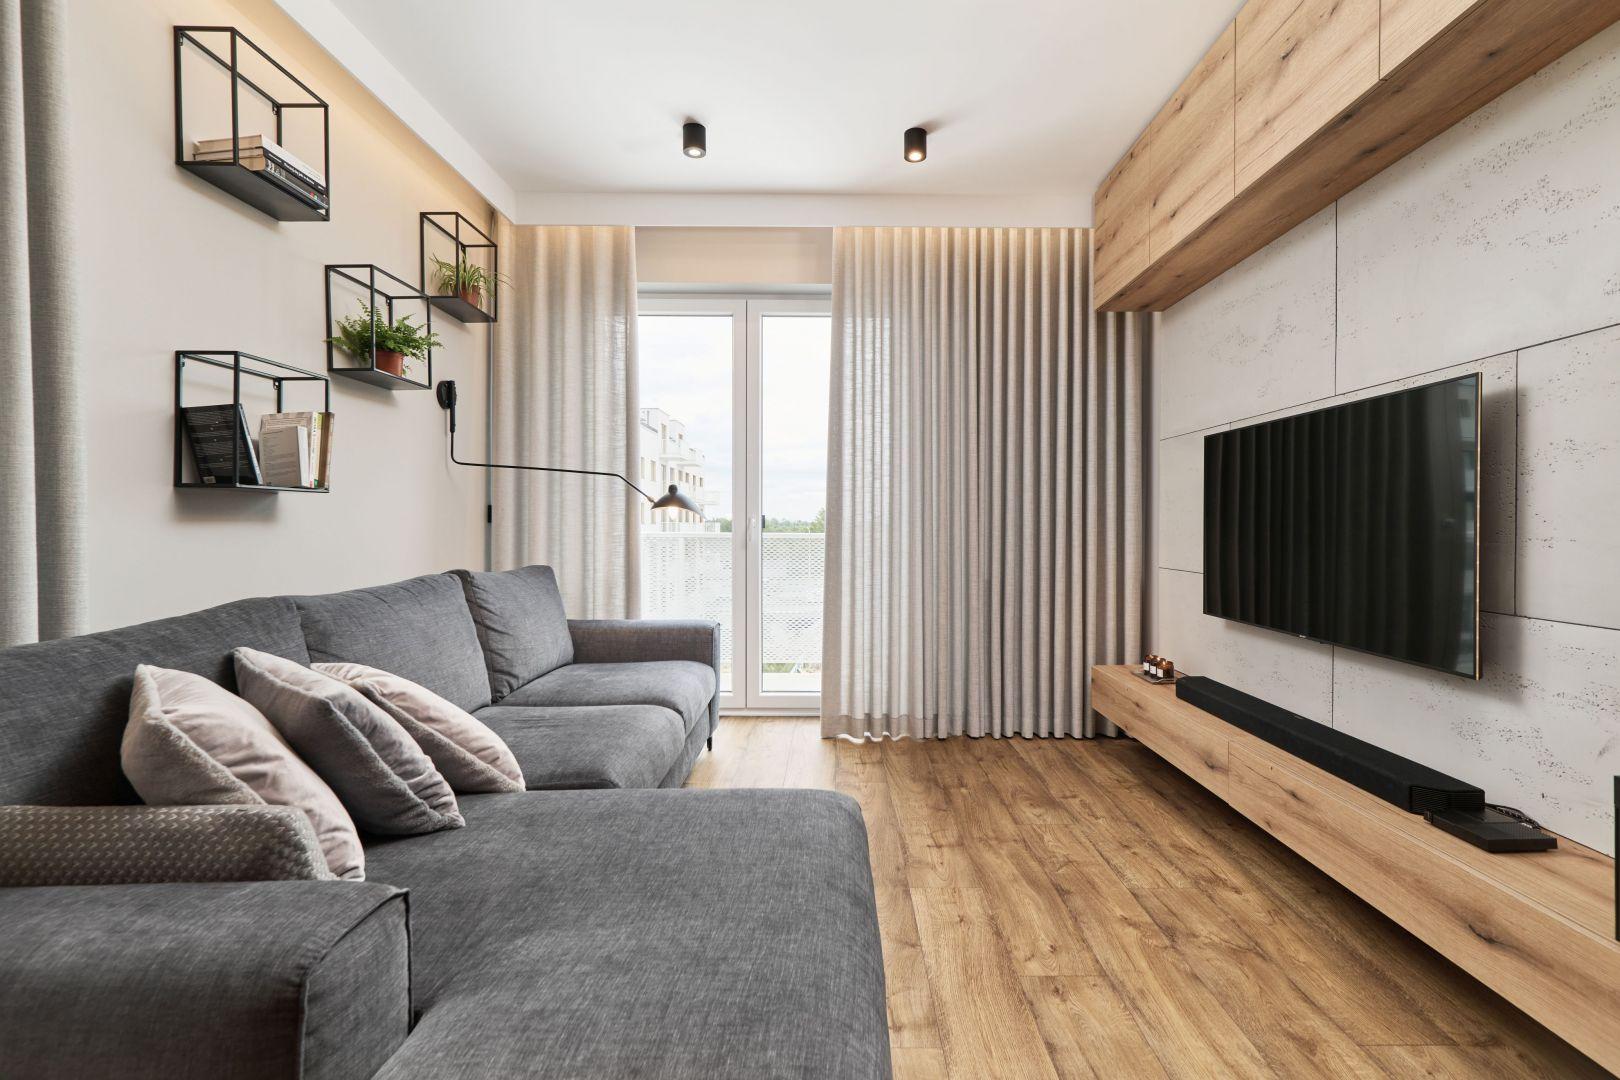 Nowoczesny salon z szarą kanapą, betonem na ścianie i przytulnymi panelami na podłodze. Projekt: Monika Staniec. Fot. Wojciech Dziadosz